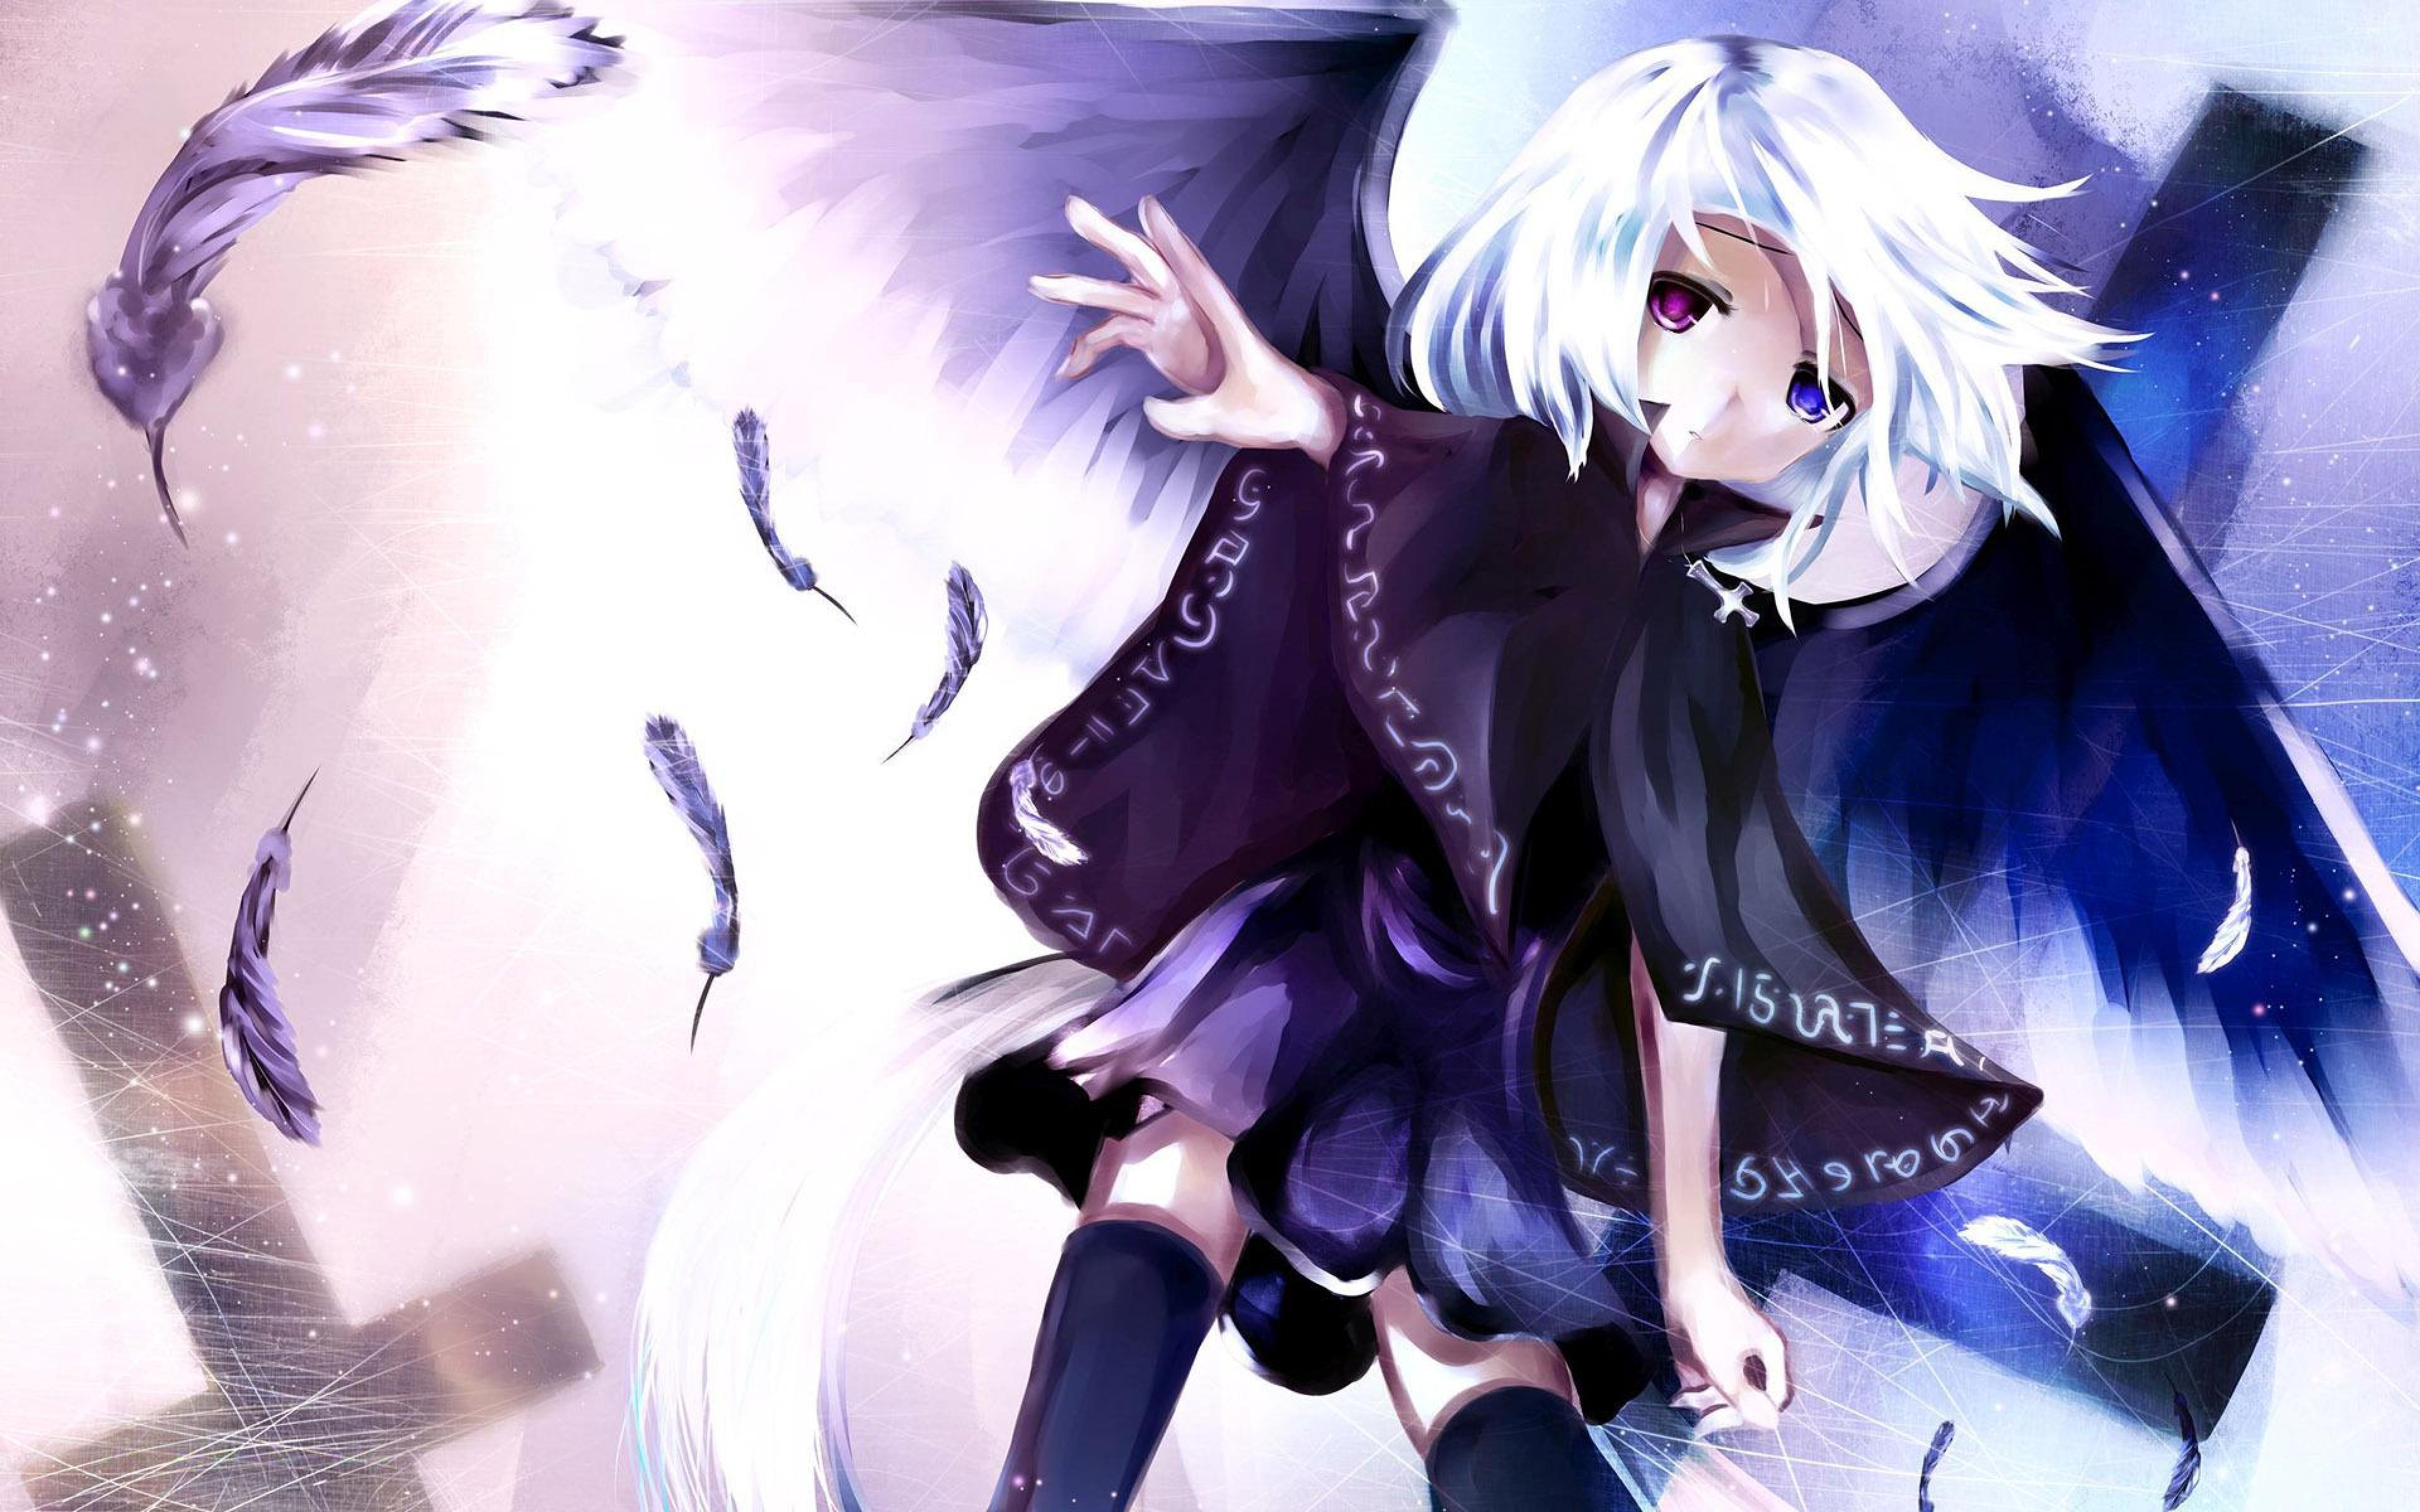 Fallen Angel Anime Wallpapers - Top Free Fallen Angel